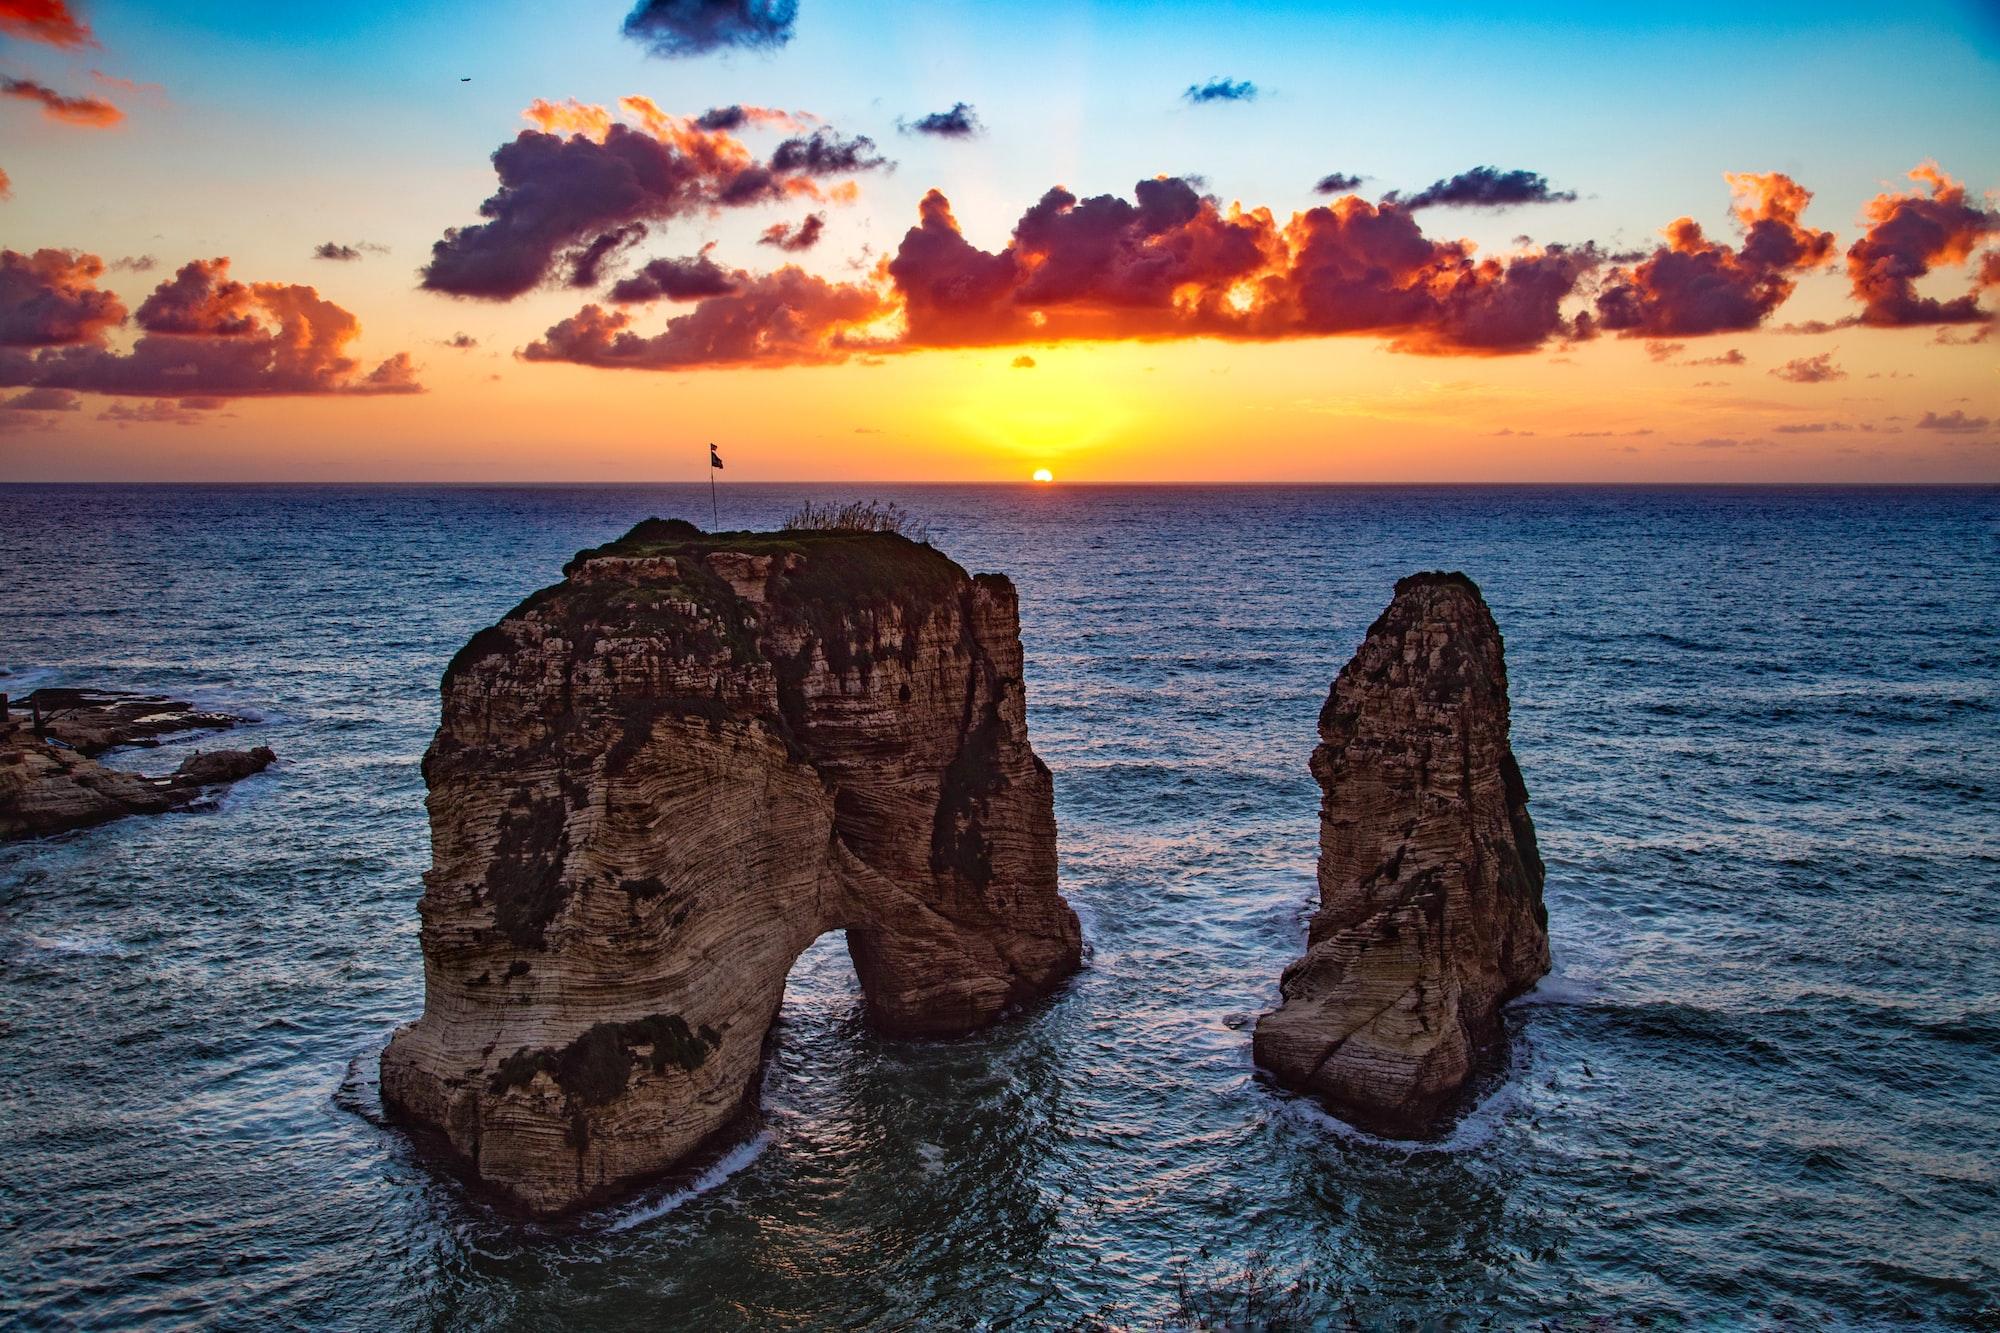 Lebanon 🇱🇧